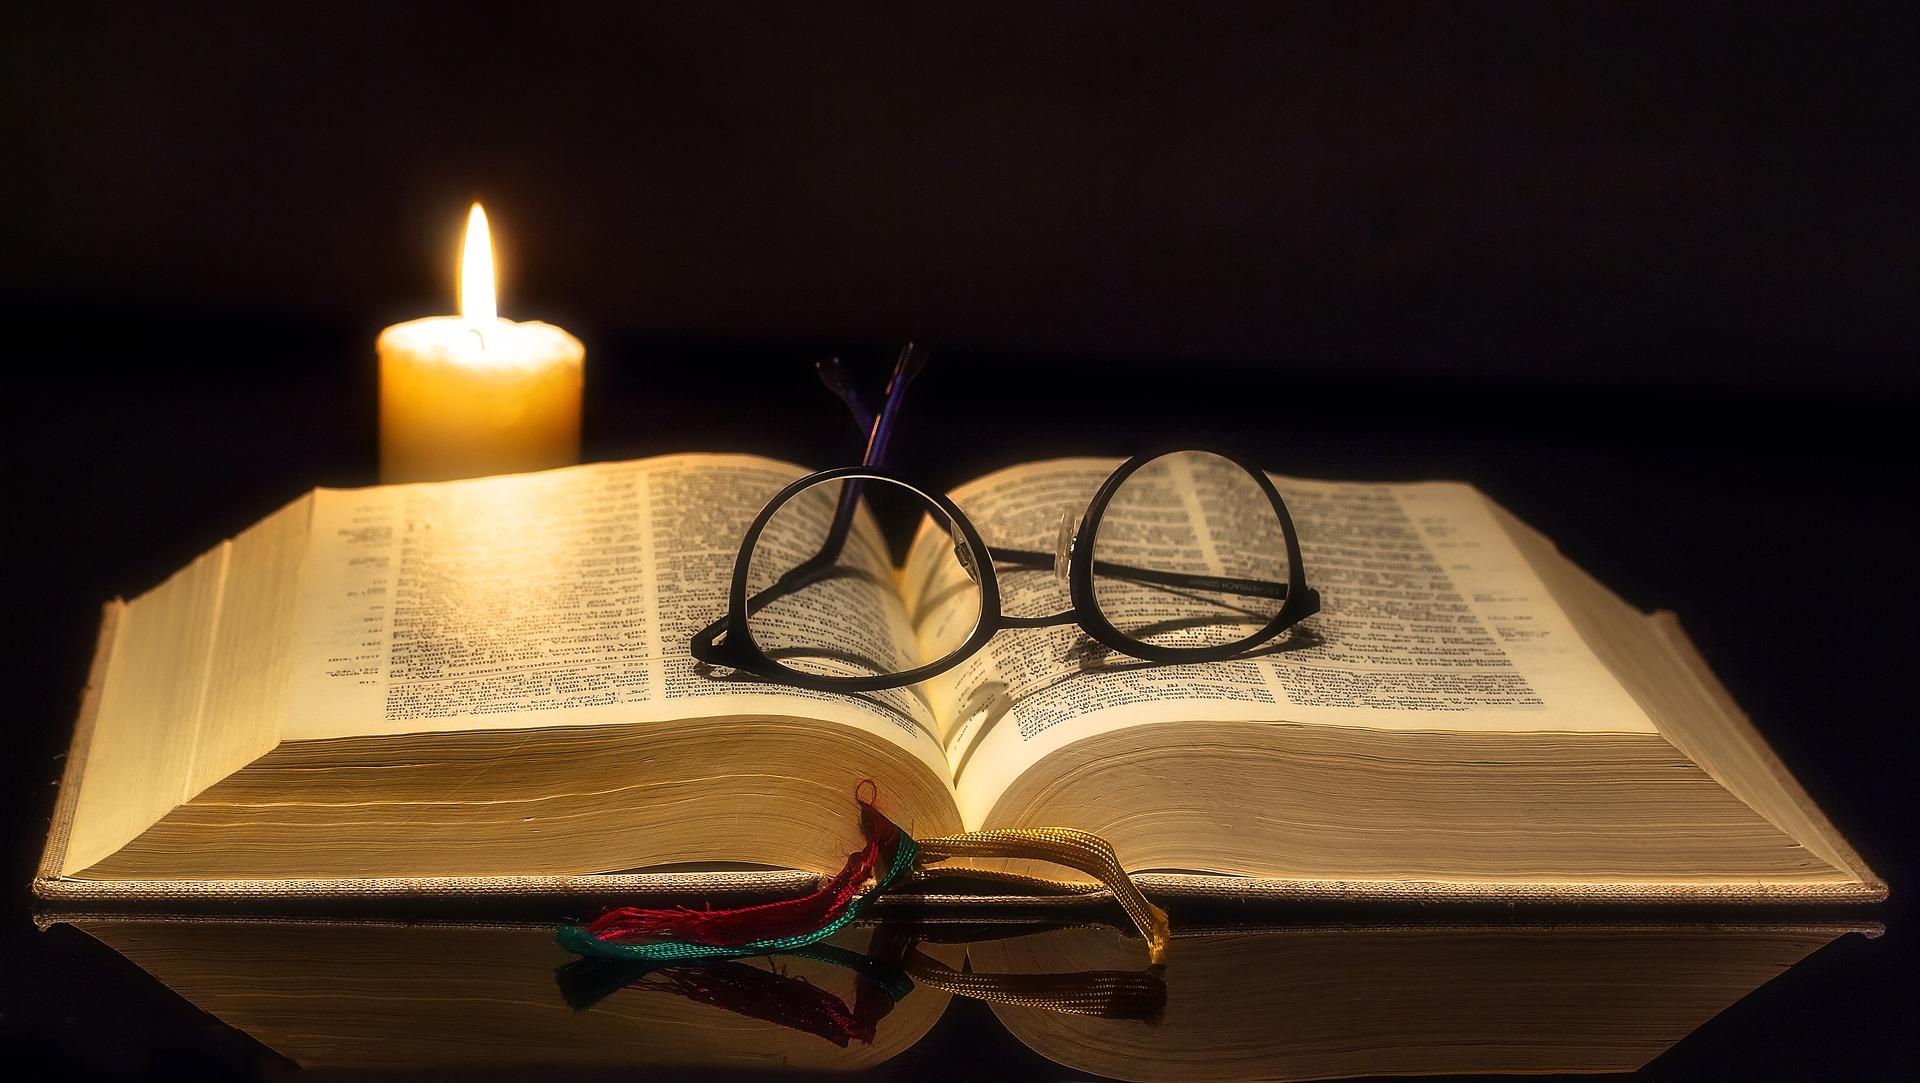 La Biblia:  la palabra de Dios y otros matices